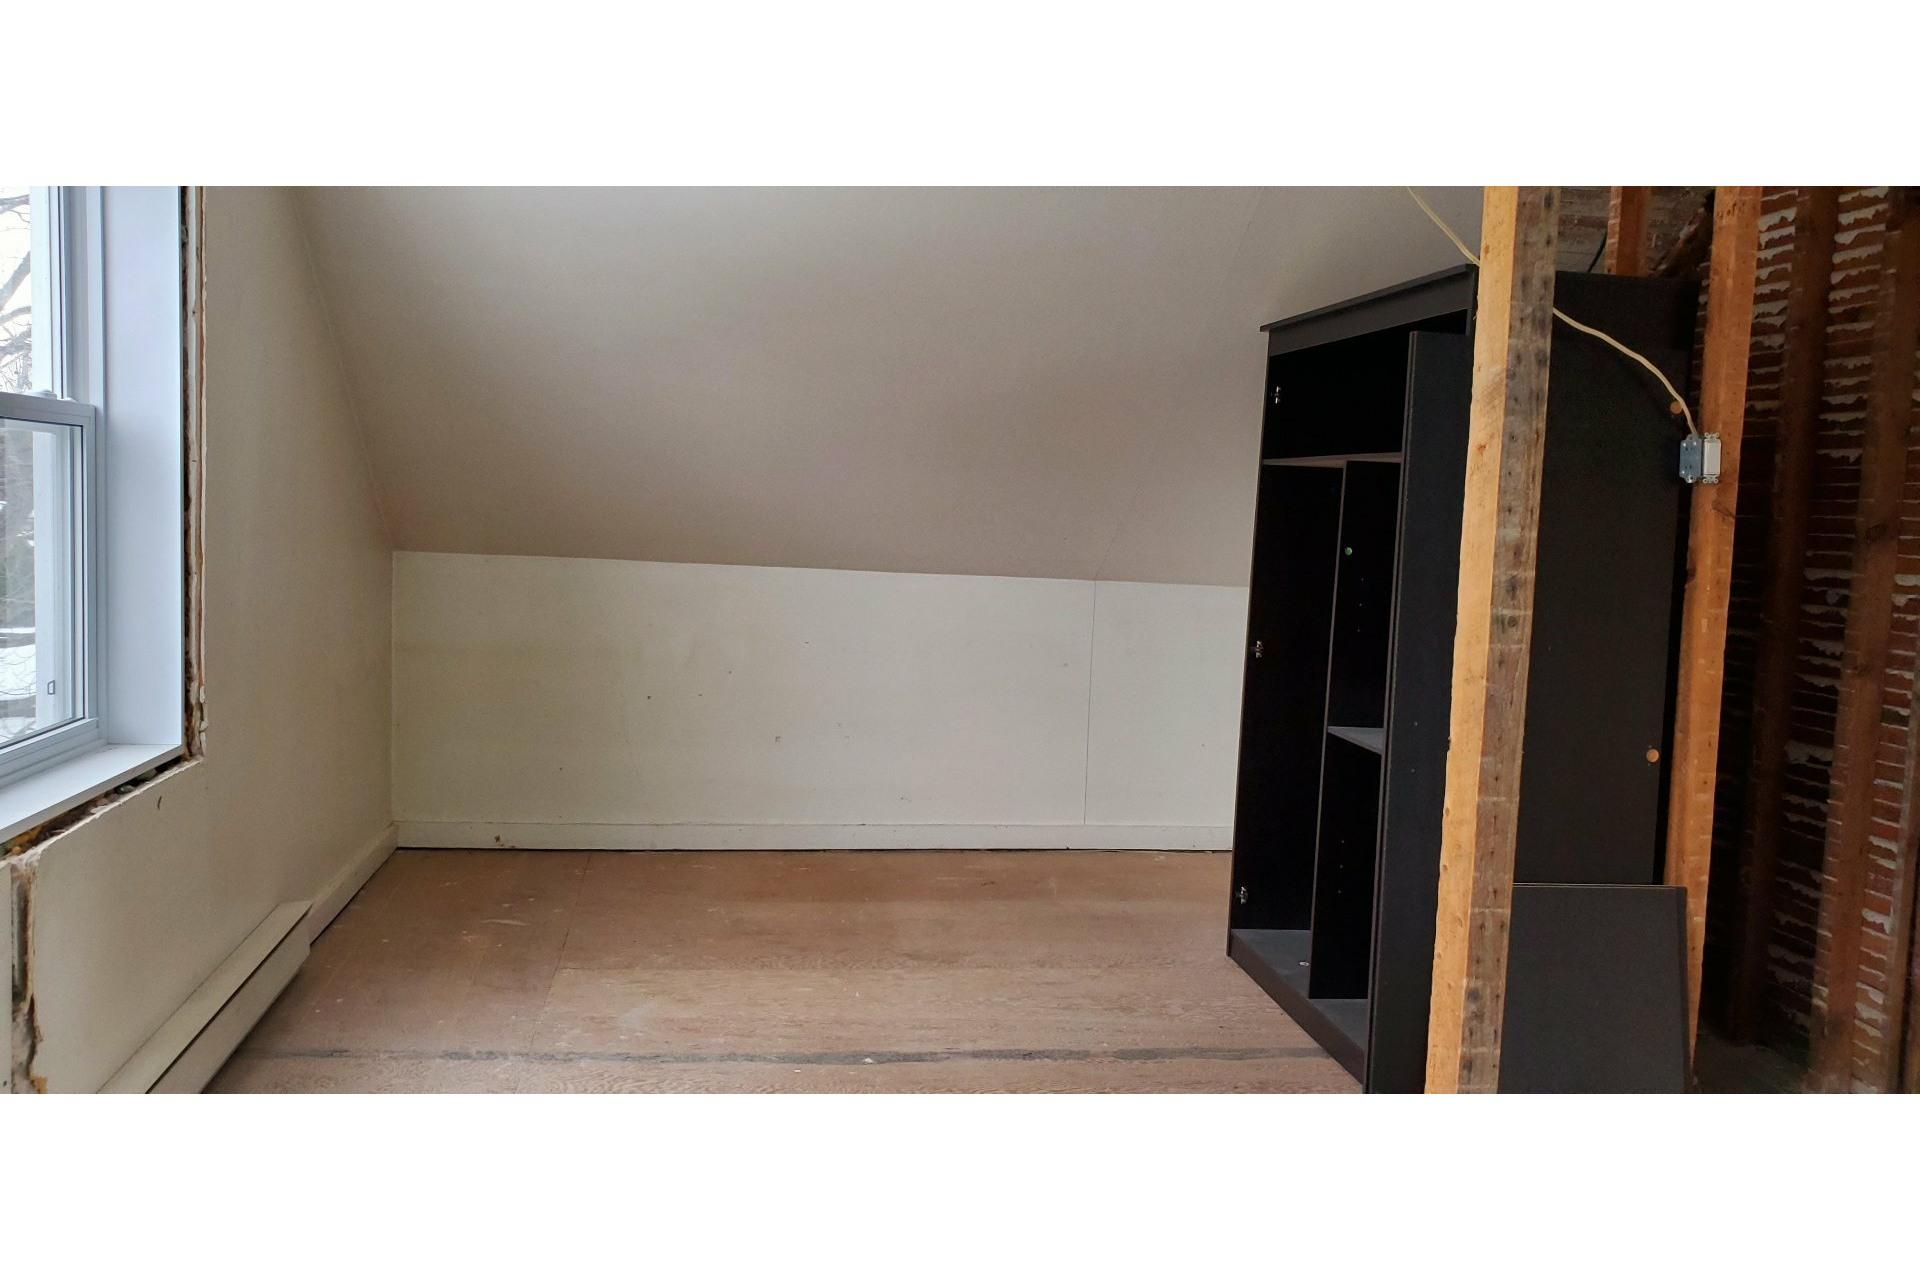 image 19 - Maison À vendre Trois-Rivières - 6 pièces